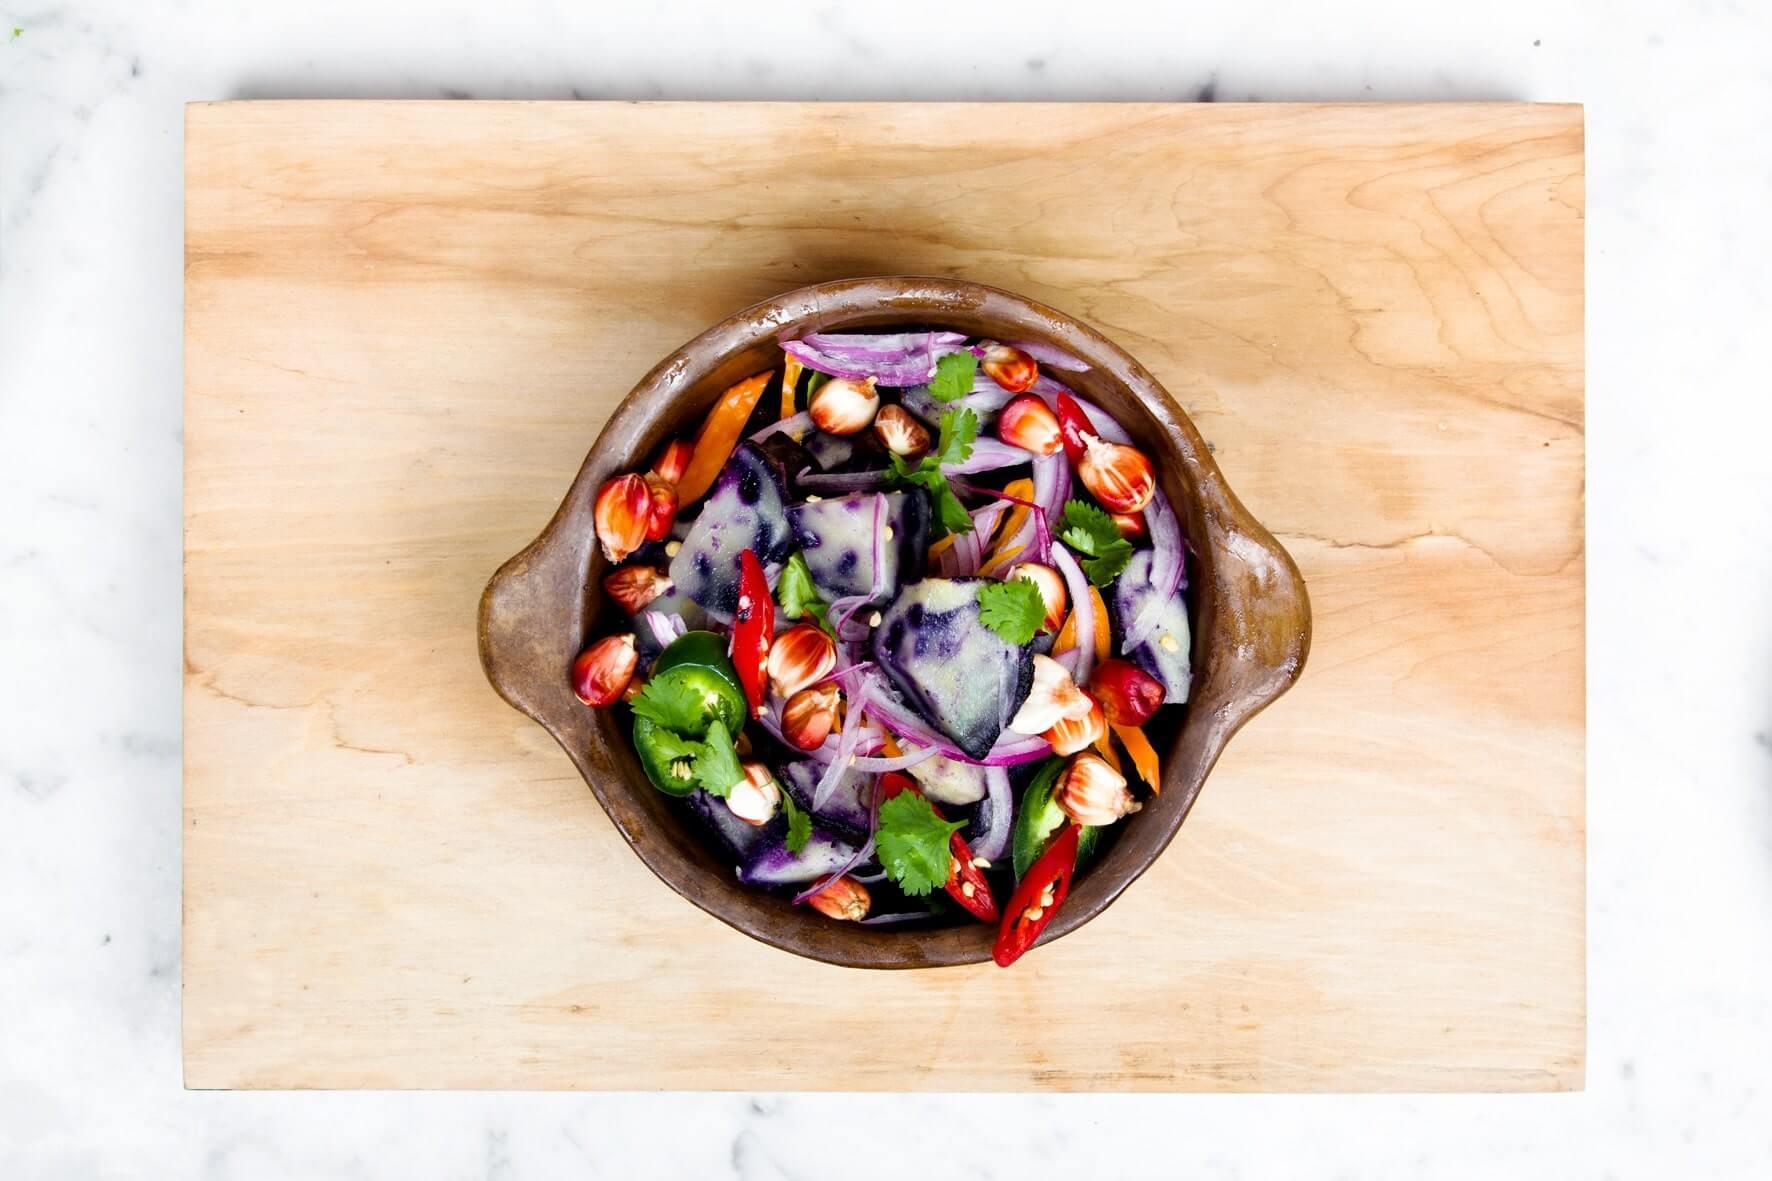 Brun lerskål med forskellige, skårede grøntsager og krydreurter.